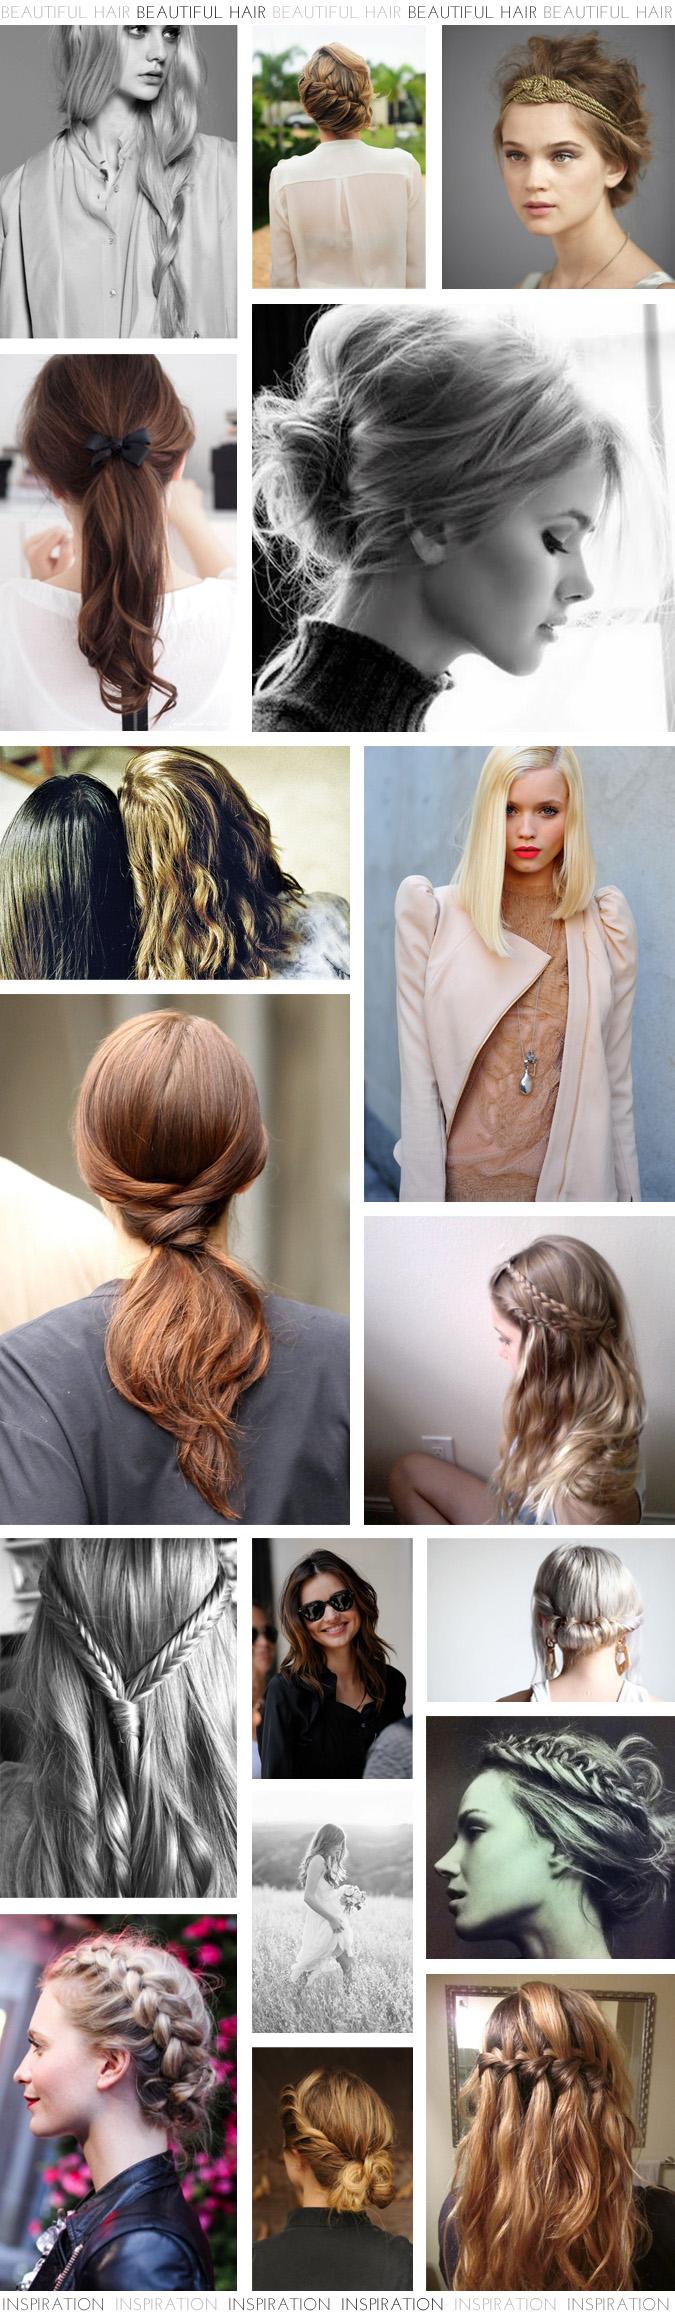 Inspiración peinados + sorteo GHD-2577-macarenagea